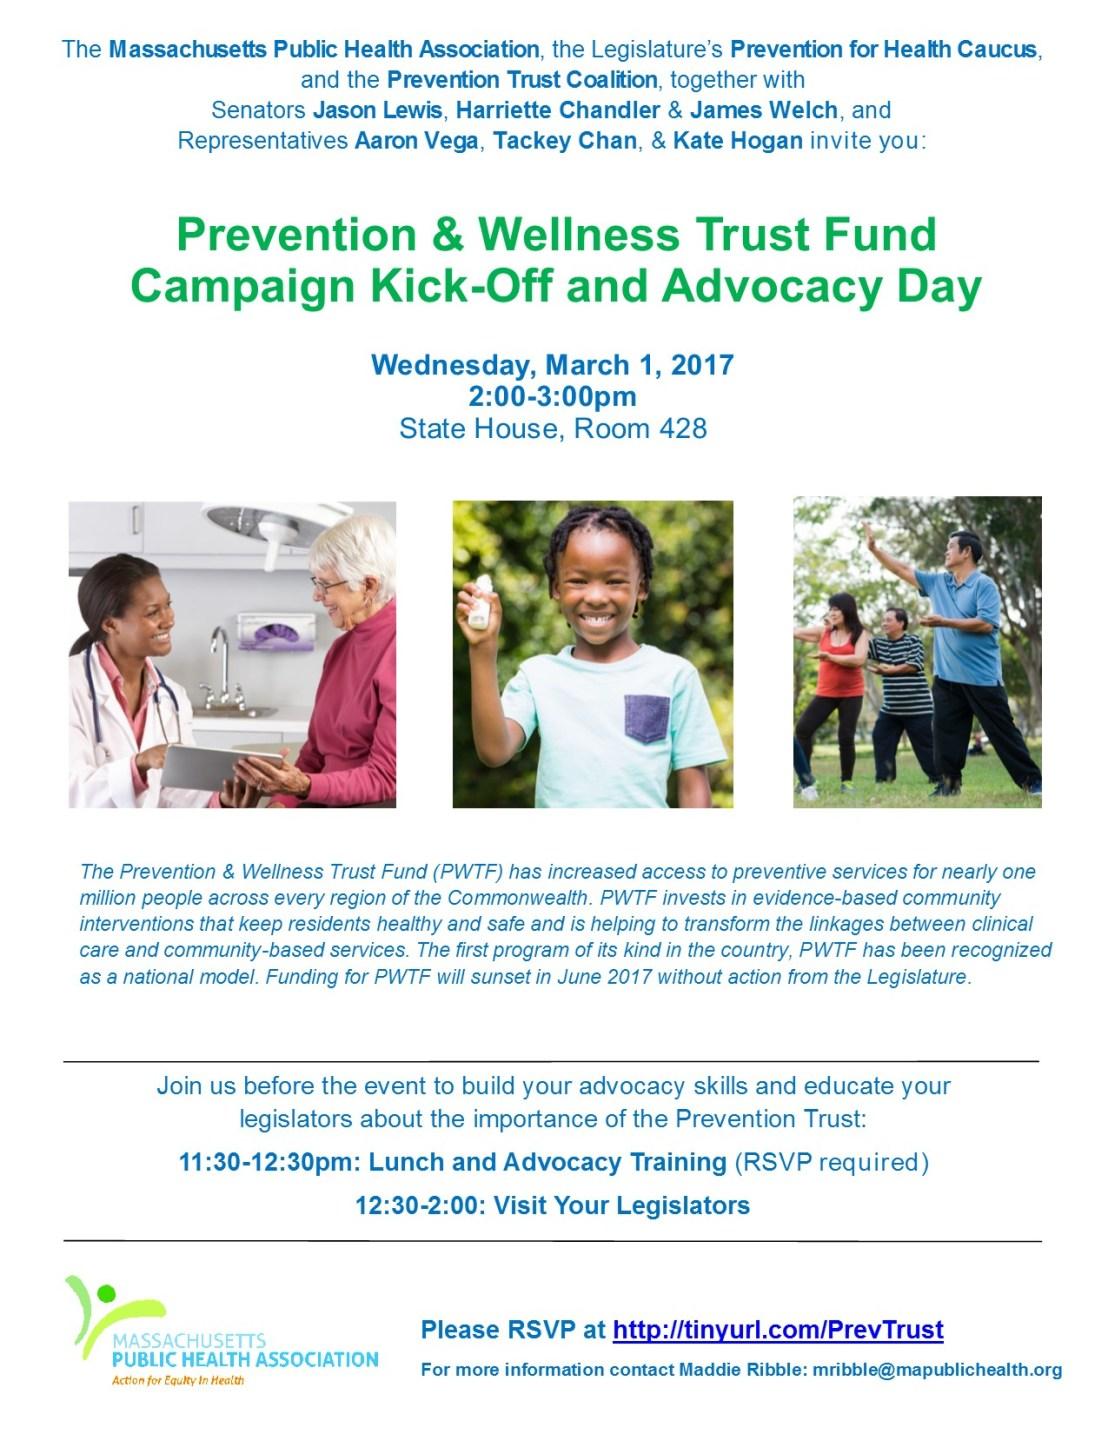 full-size-jpeg-invitation-prevention-trust-campaign-kick-off-march-1-2017